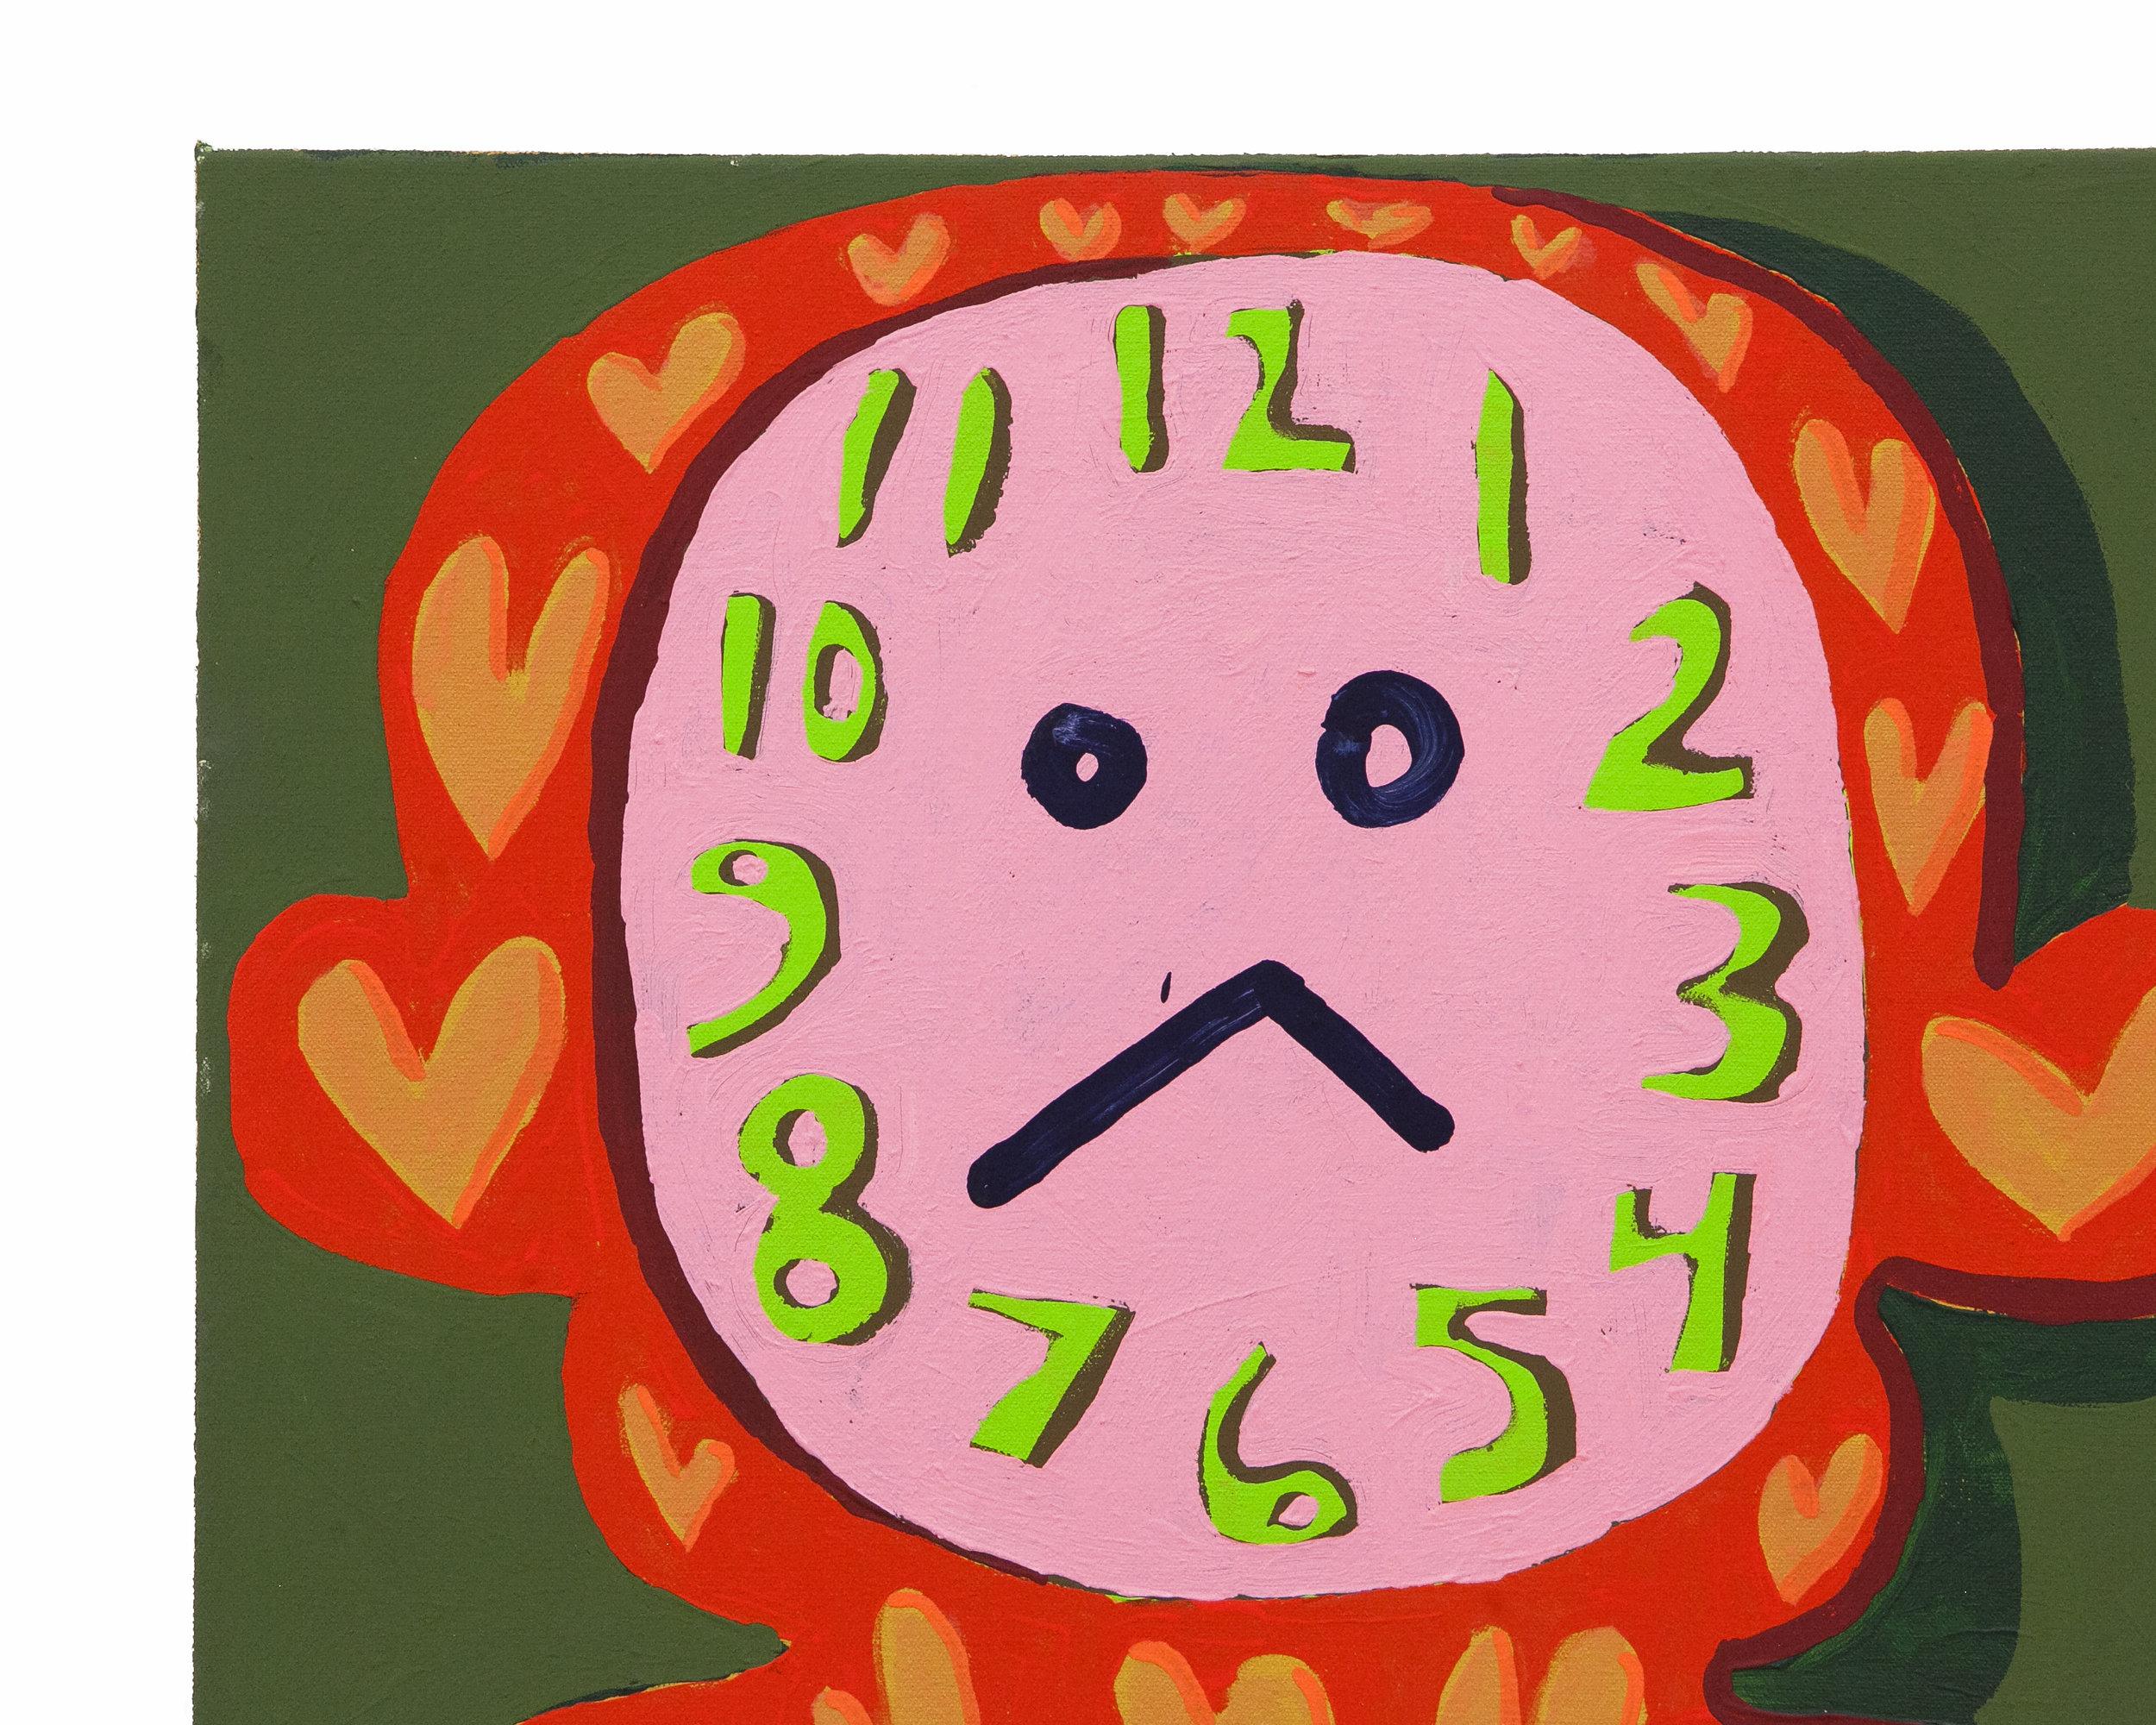 kellenchasuk_clock_2__1.jpg